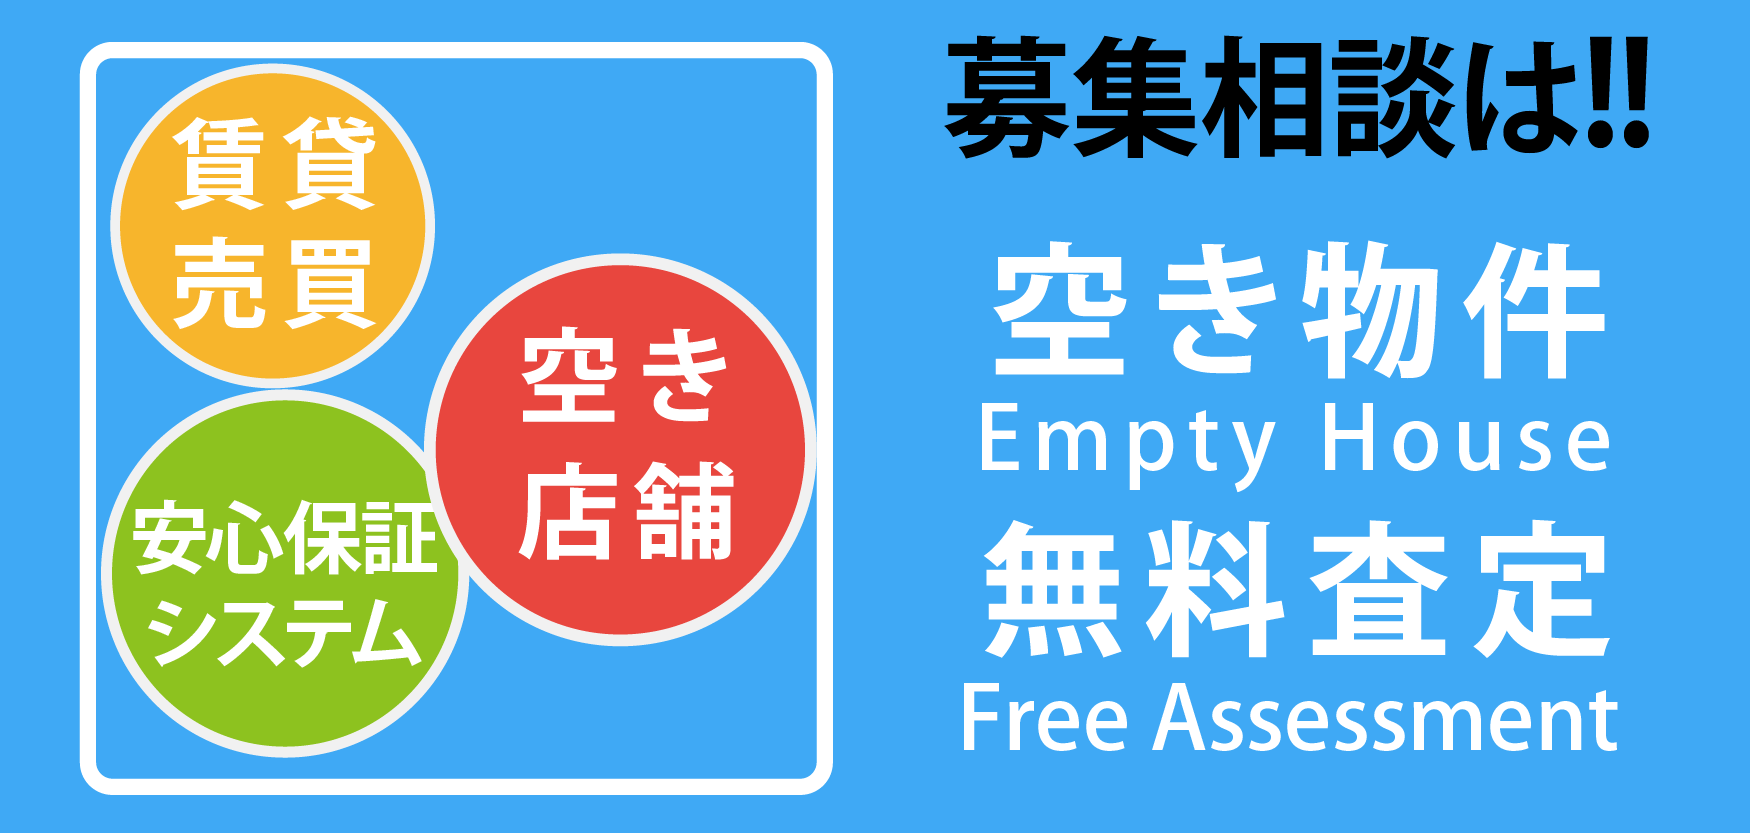 岡崎 賃貸についての問合せ・無料査定・無料相談 空き家対策・空室対策